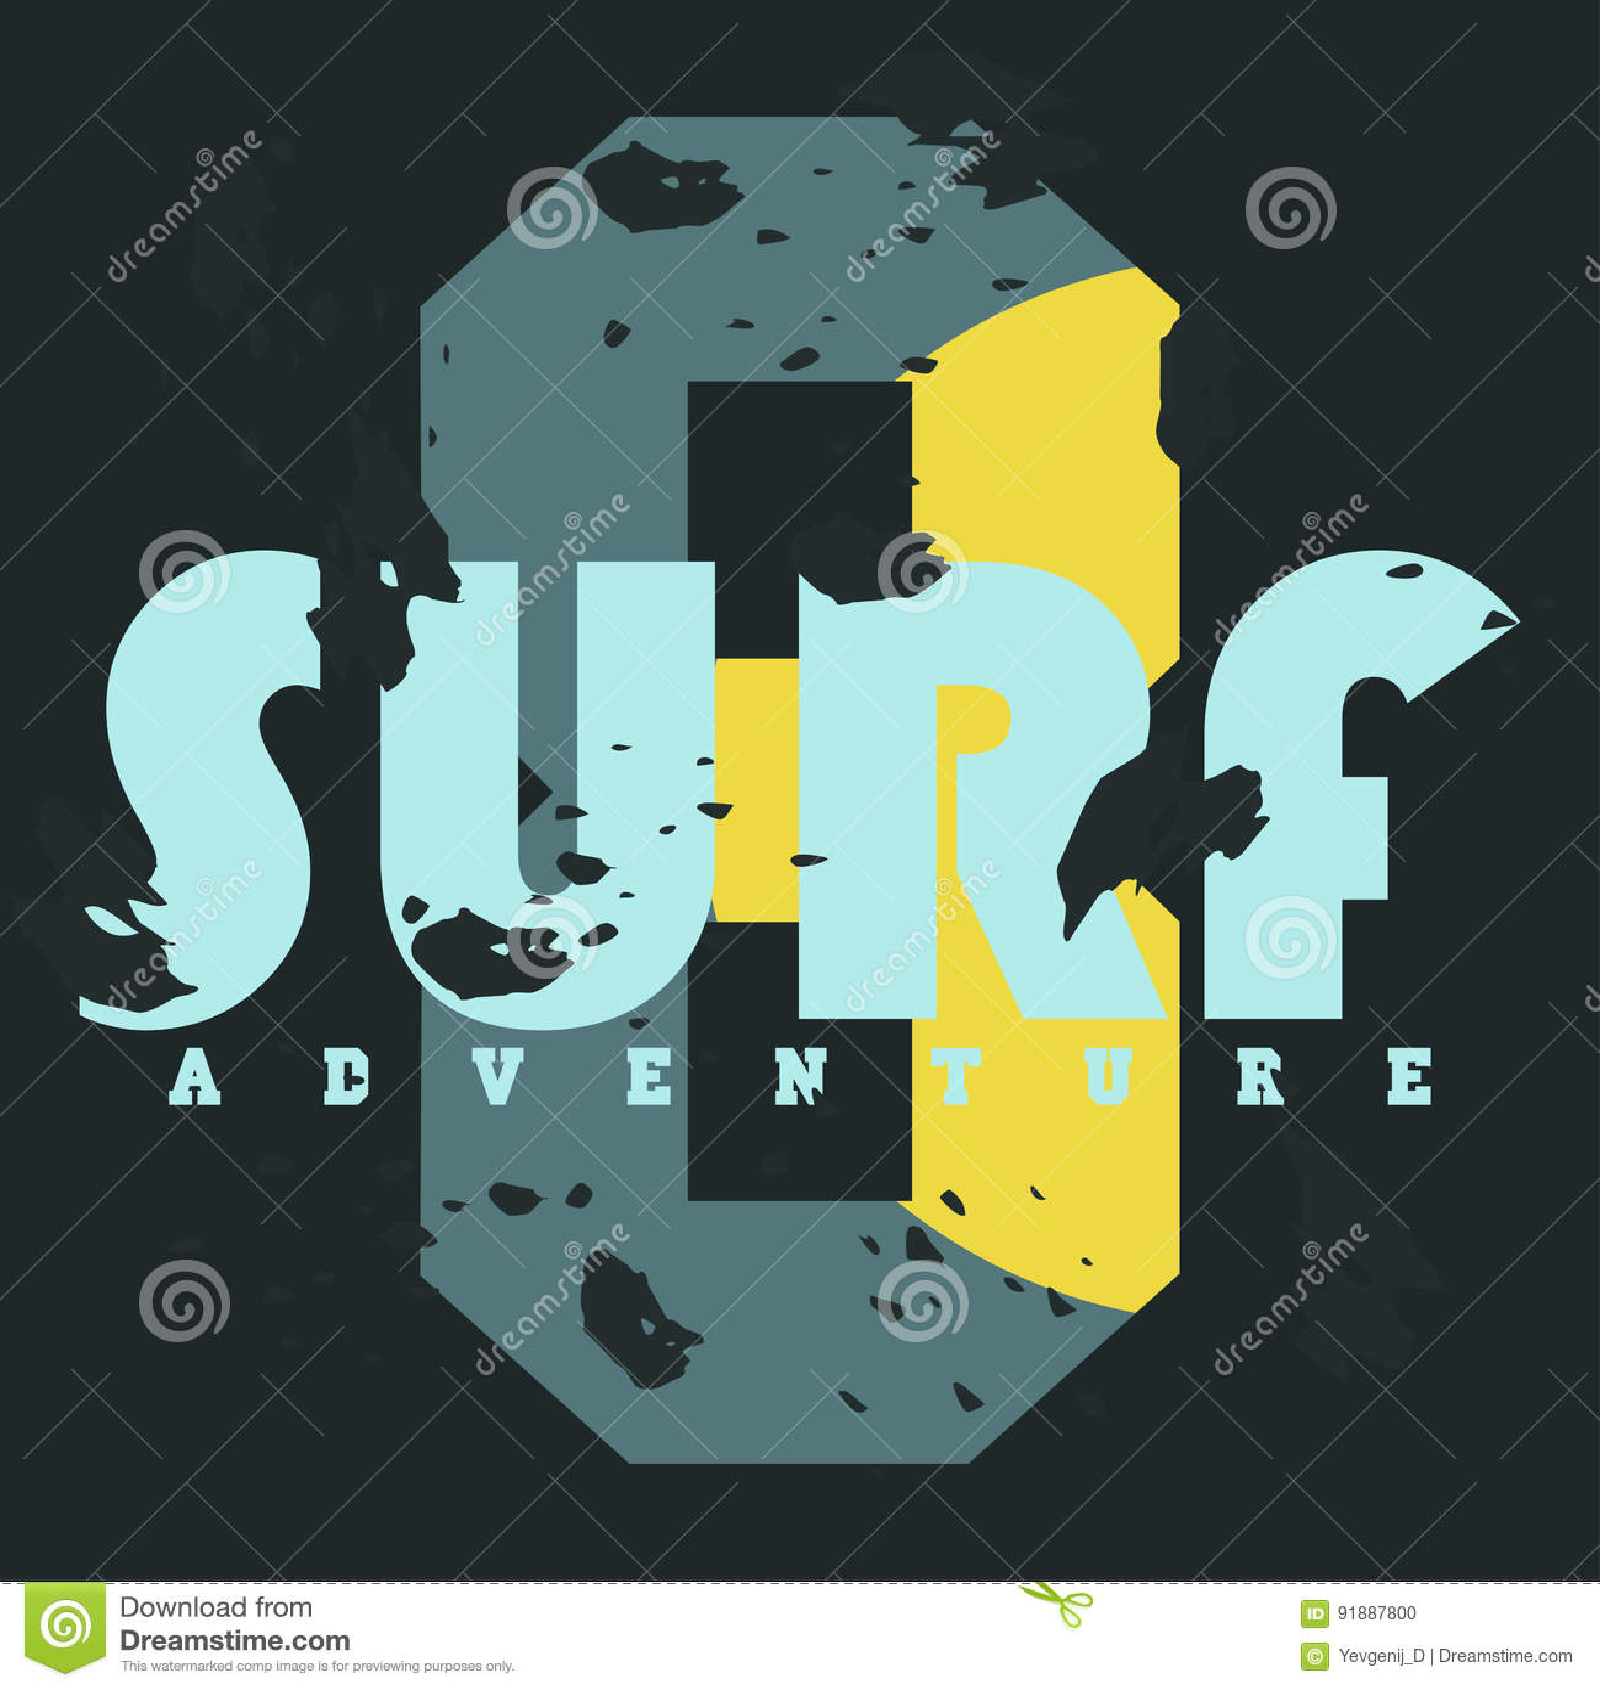 Surf Graphiques de T-shirt Typographie de vintage, graphiques de T-shirt, affiche, bannière, textile, habillement